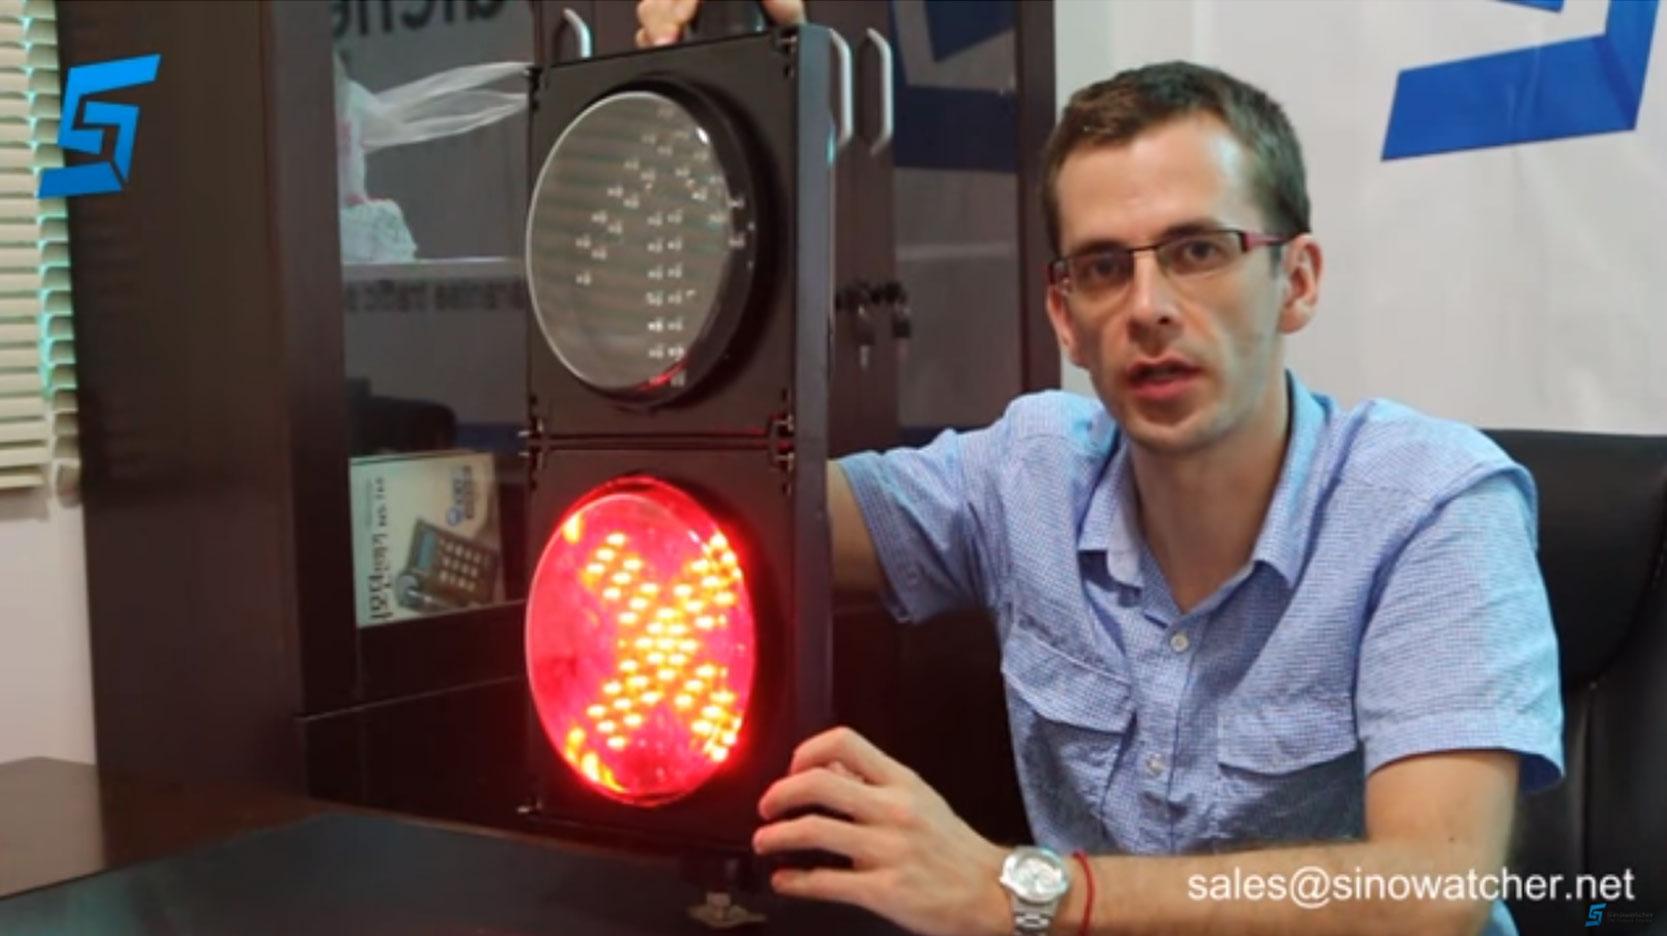 Señal de estación de peaje de 200 mm LED - Cruz Roja y flechas verdes (dos módulos)